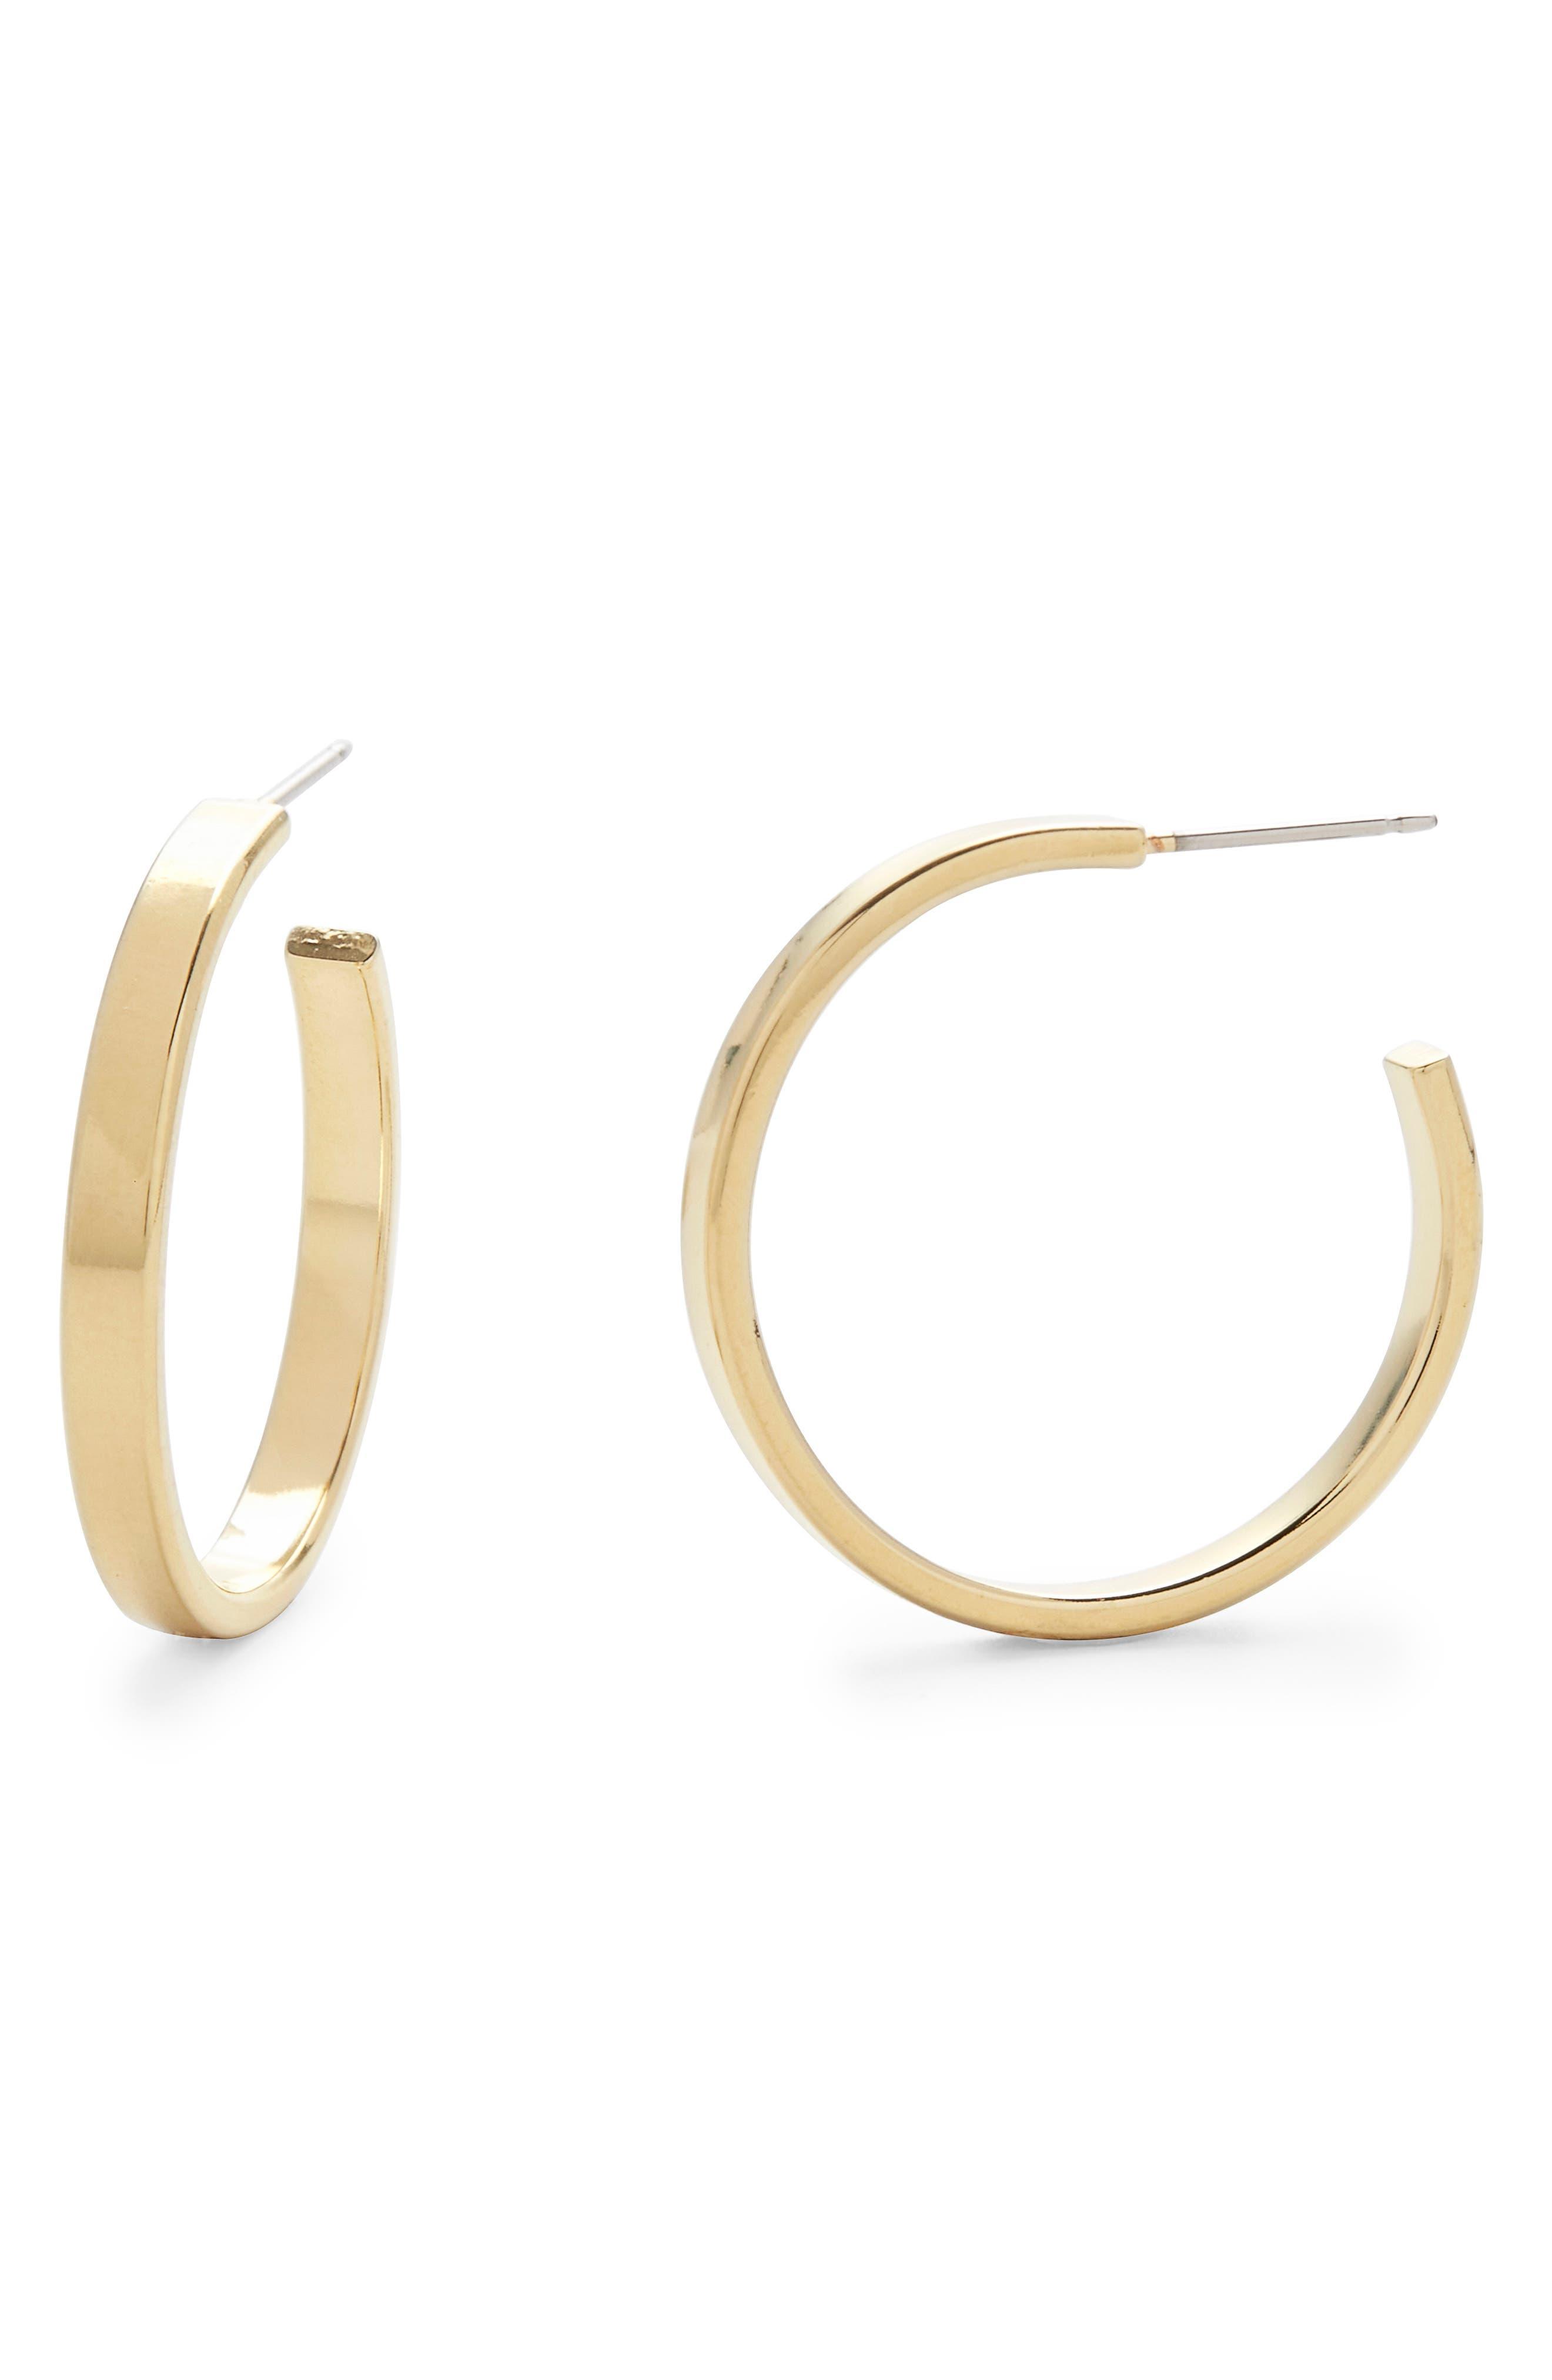 Lexi Flat Hoop Earrings